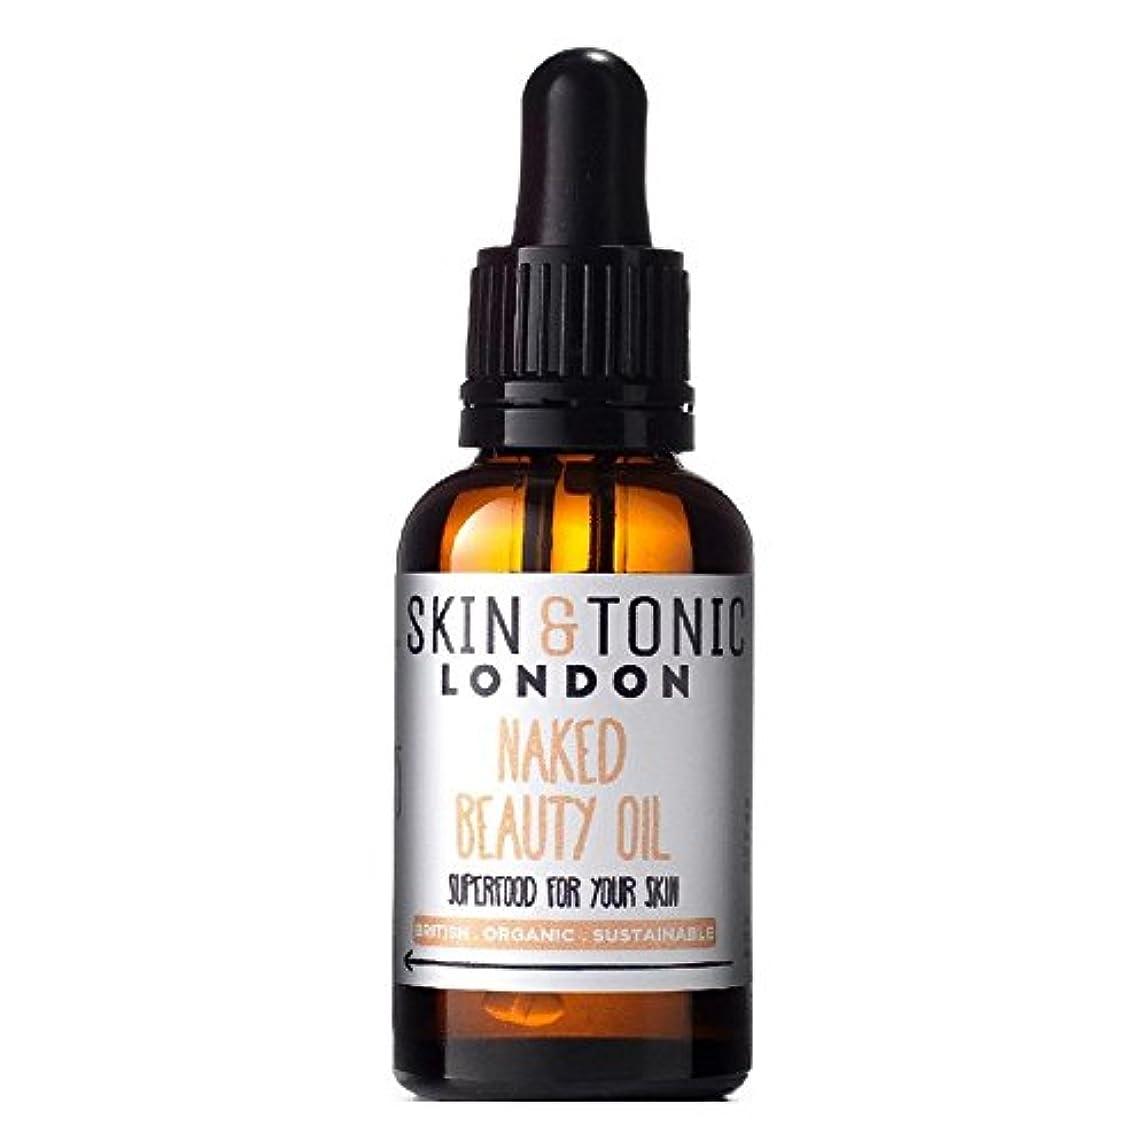 戦略吸うレンダリングスキン&トニックロンドン裸の美容オイル30ミリリットル x4 - Skin & Tonic London Naked Beauty Oil 30ml (Pack of 4) [並行輸入品]